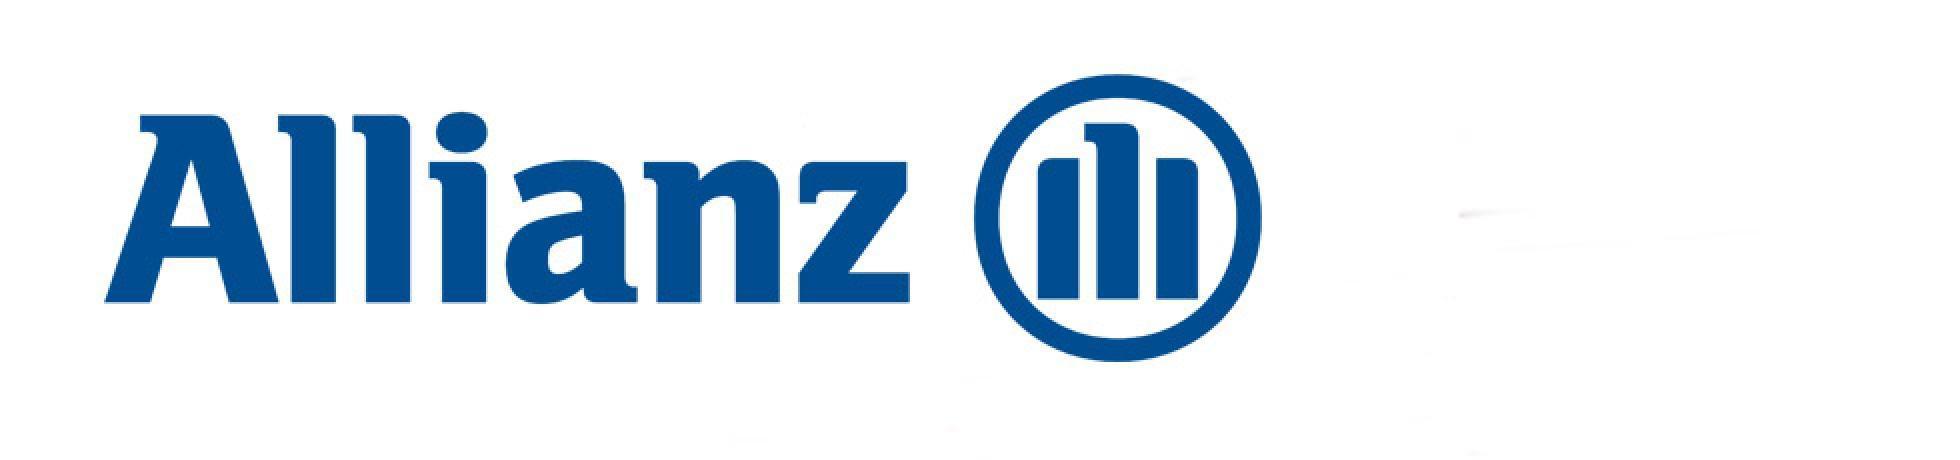 Infolinia Allianz | Adres, numer, kontakt, telefon, informacje dodatkowe